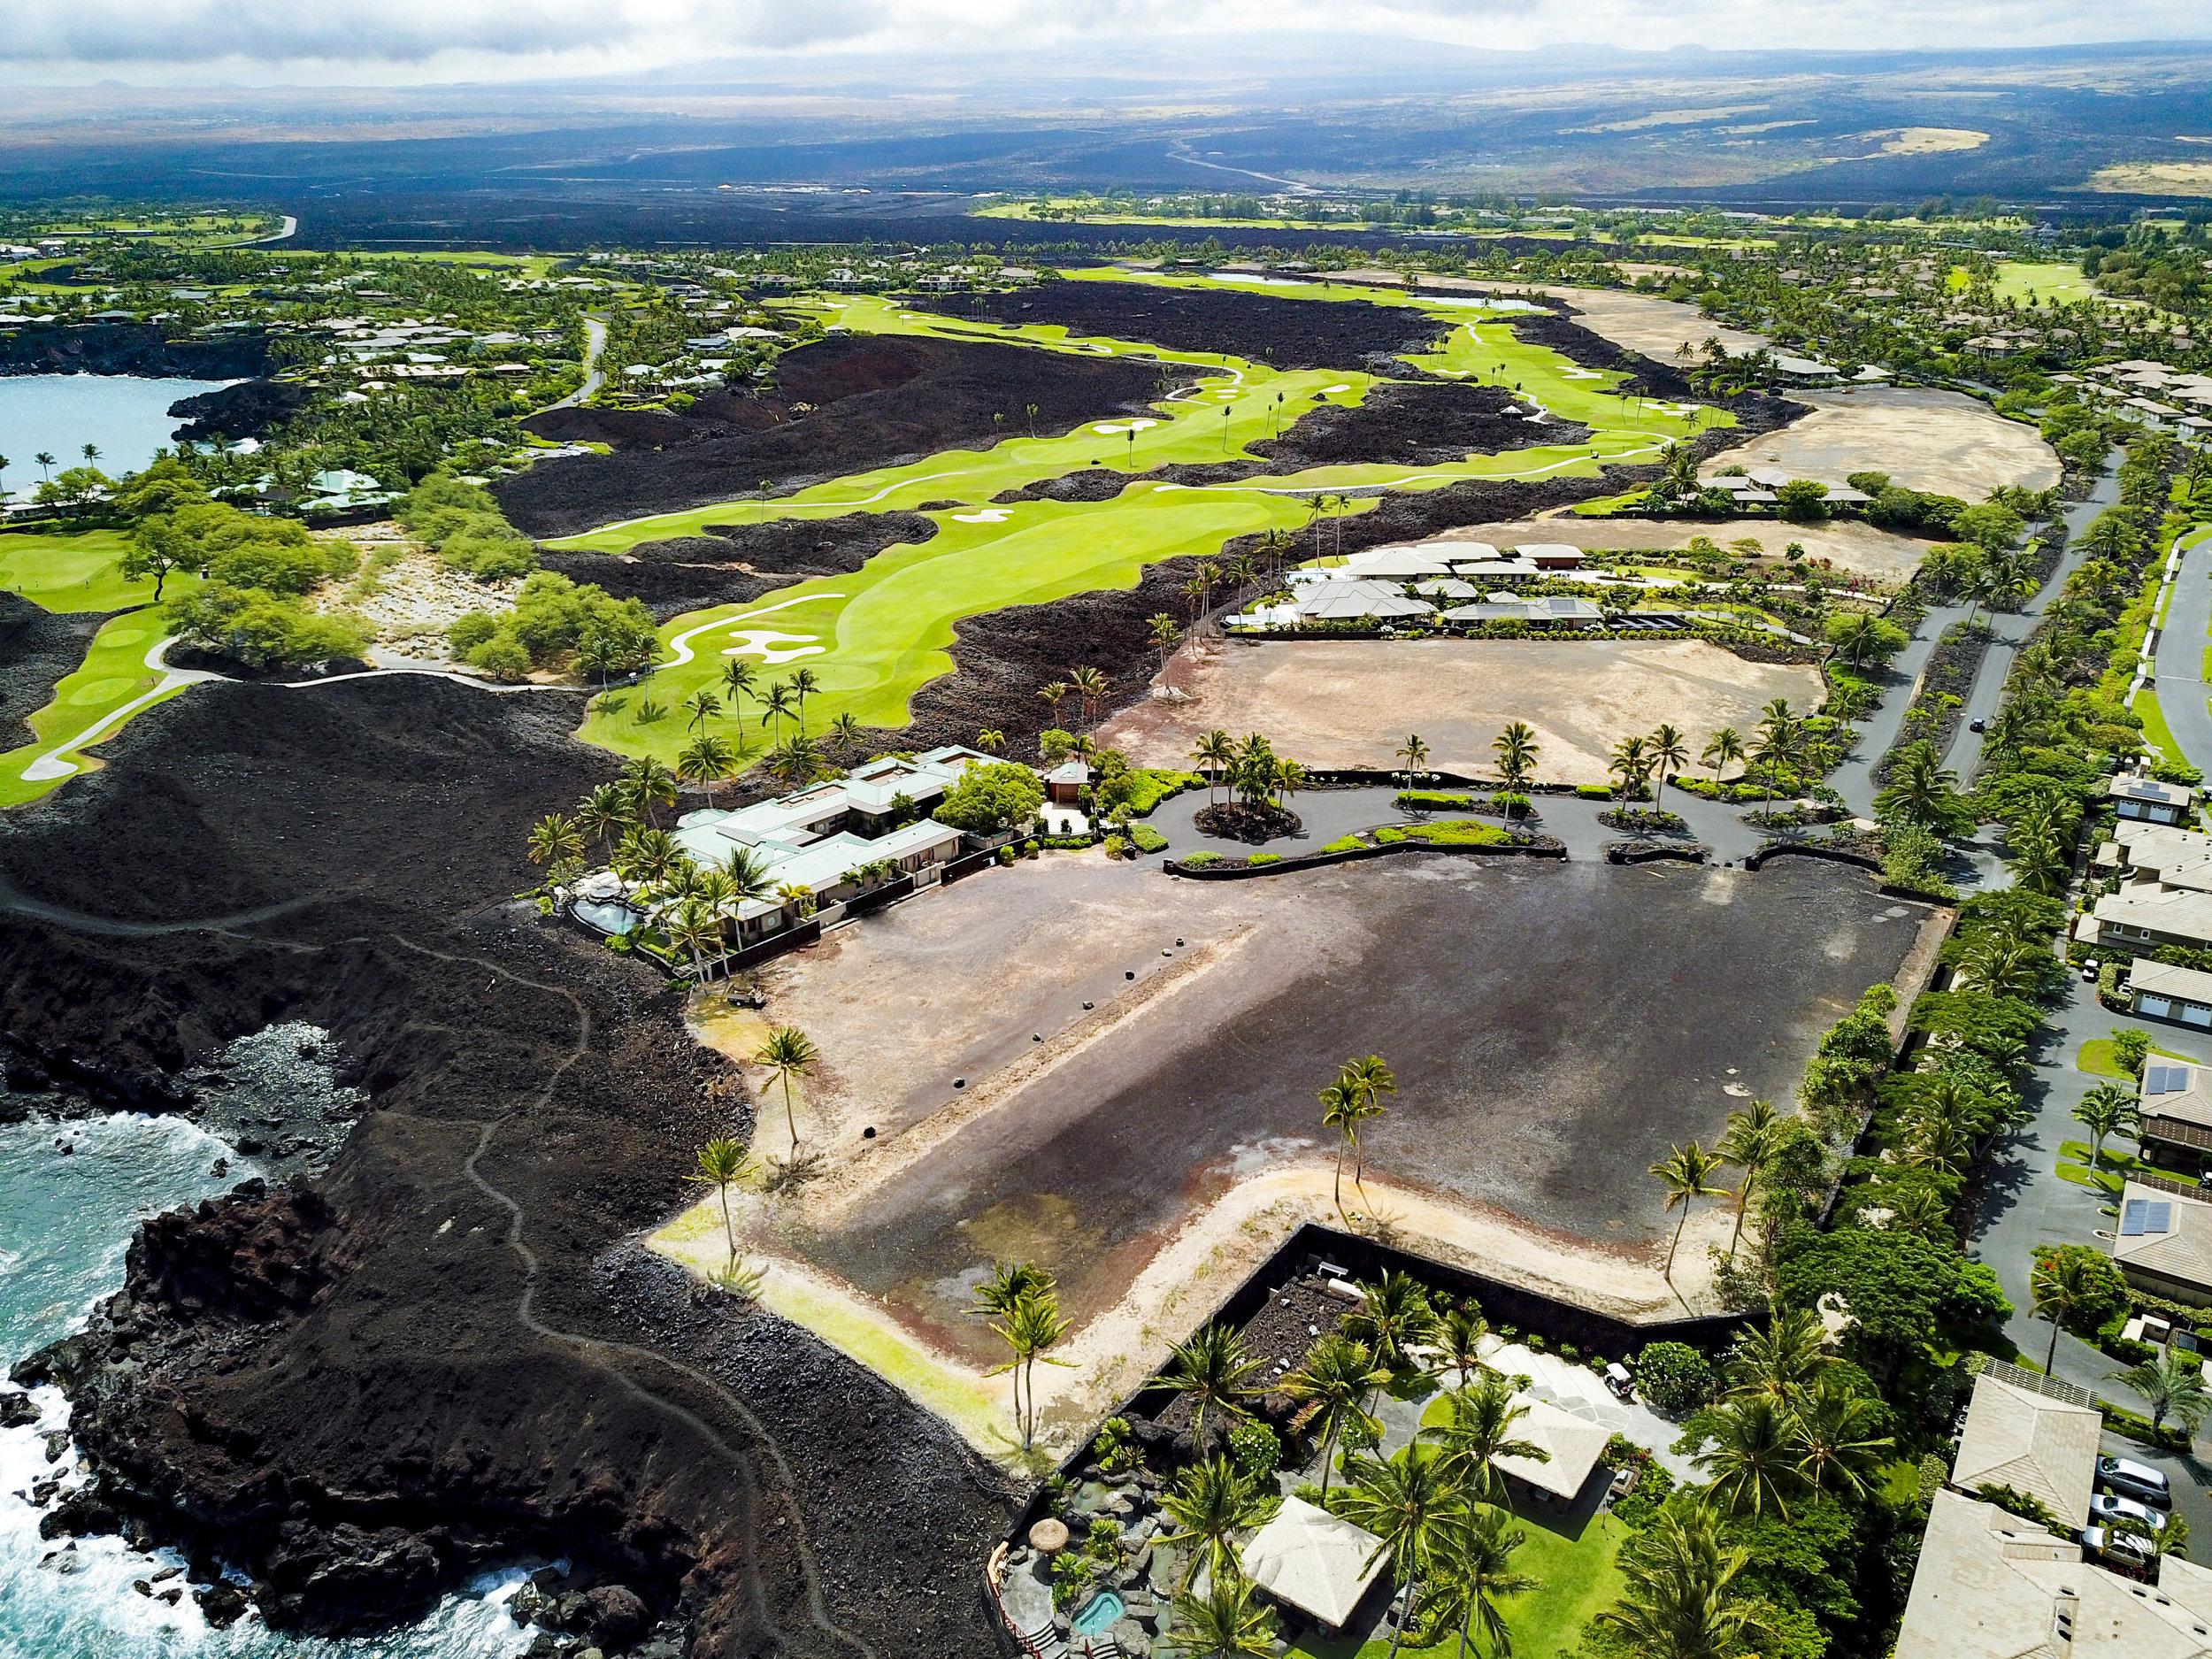 Aerial view of Ke Kailani at Mauna Lani Resort.